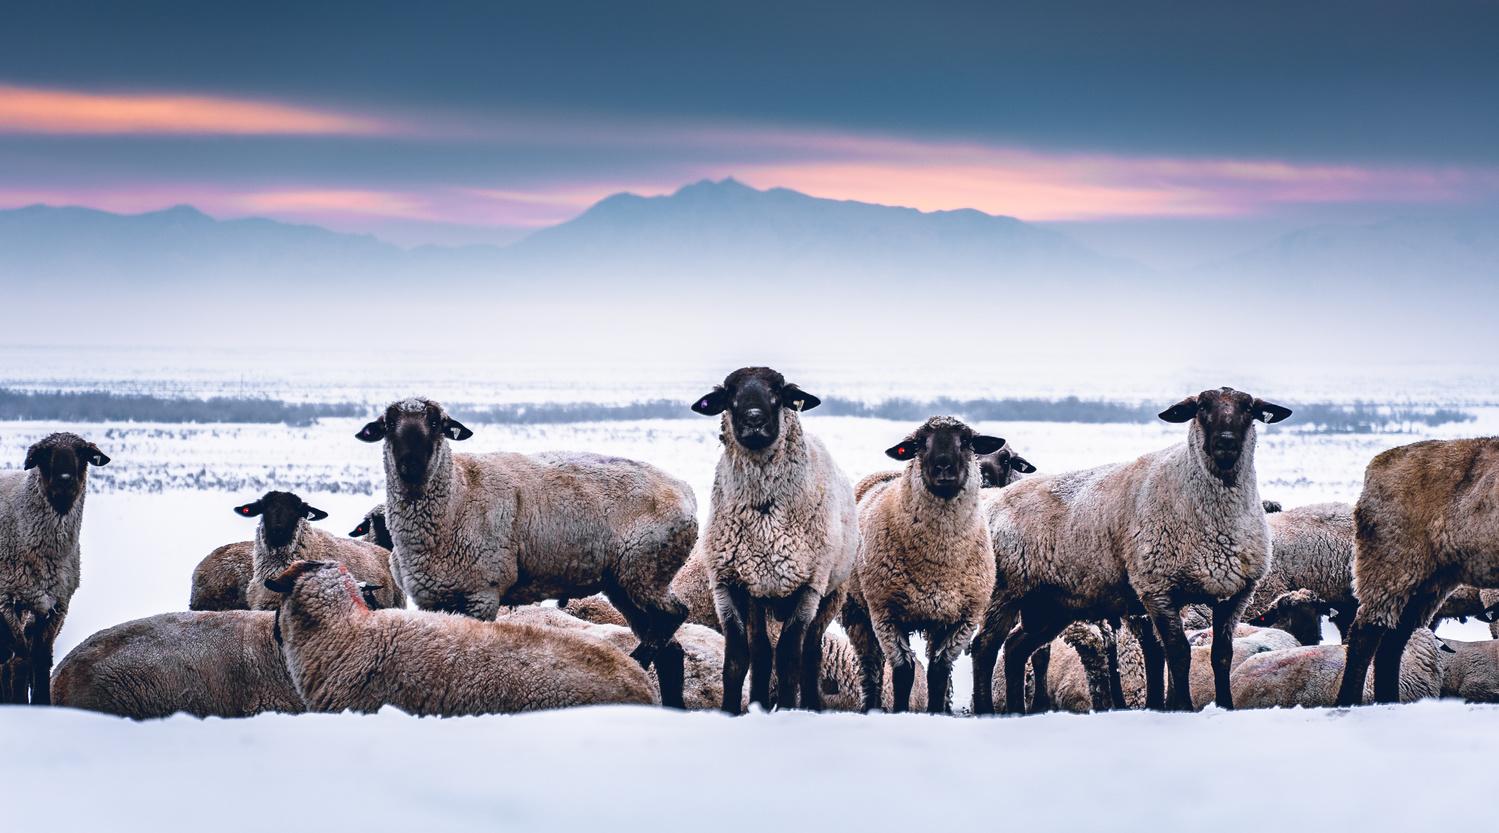 Salty Sheep by Daniel Mekis by Daniel Mekis